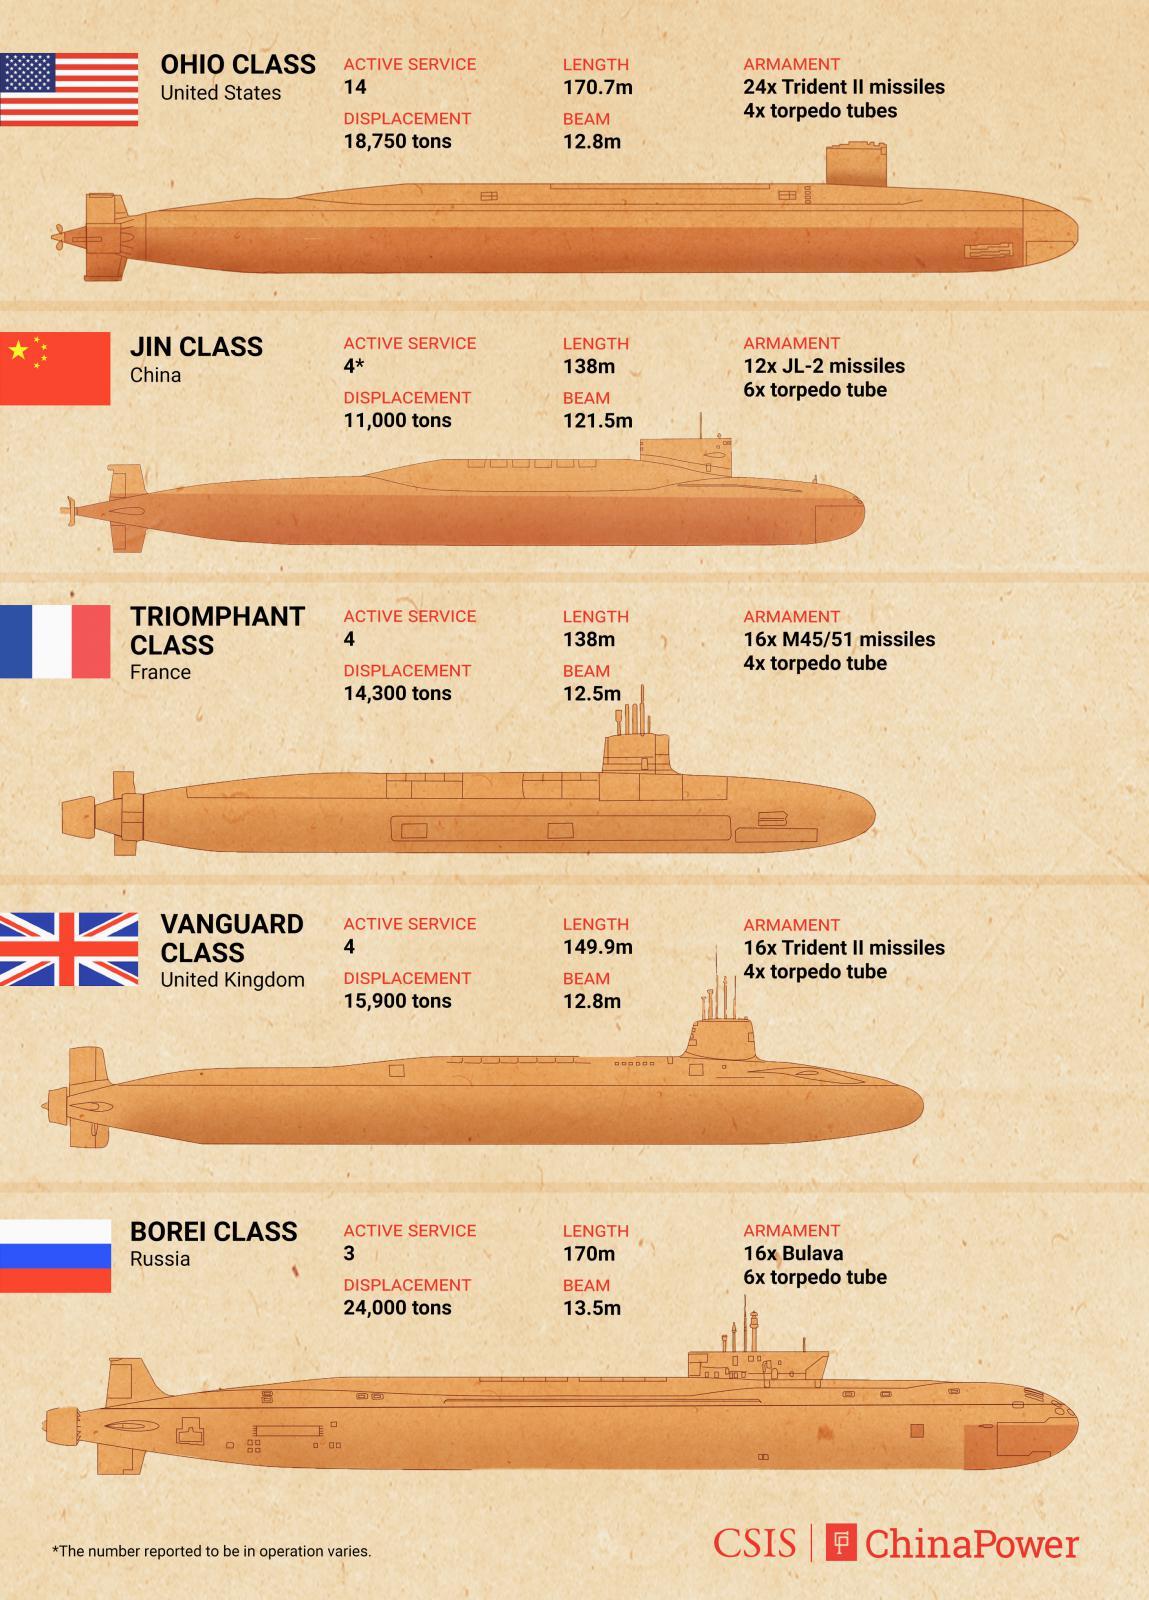 Jedrske podmornice z balističnimi raketami - velikost